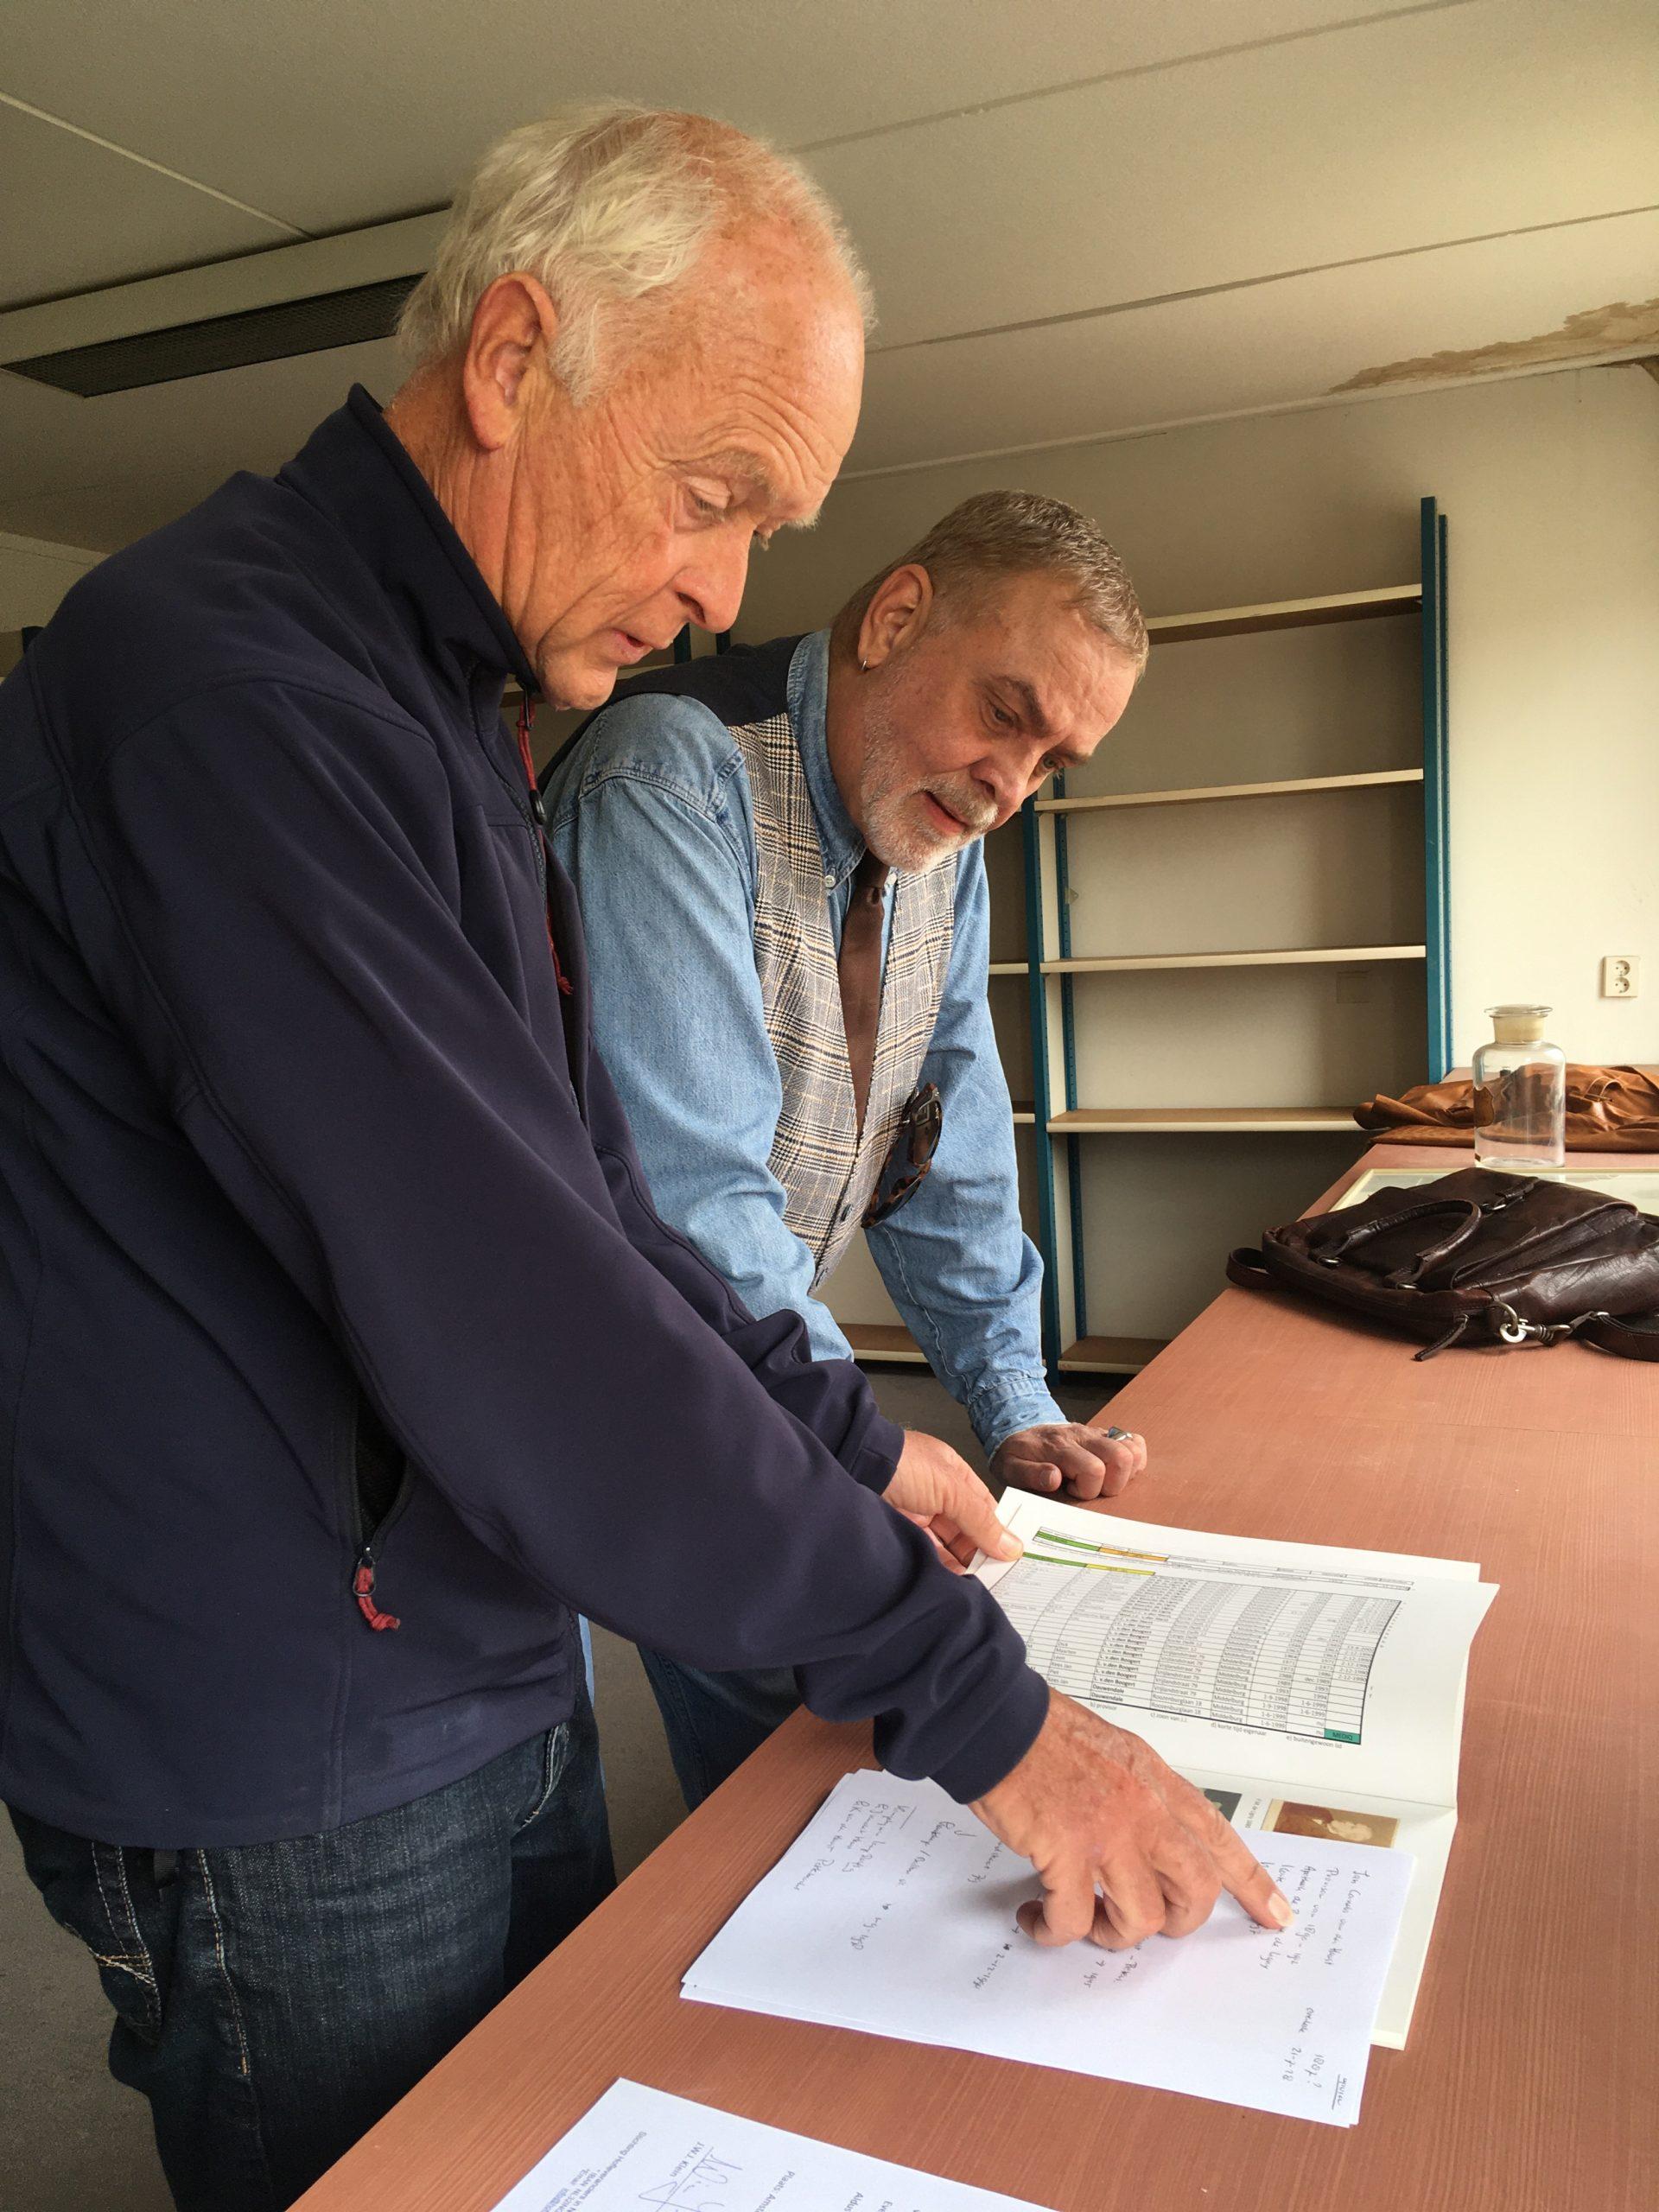 De heer Kees-Jan Lastdrager licht de historie van het wapenschild aan de heer Klein toe